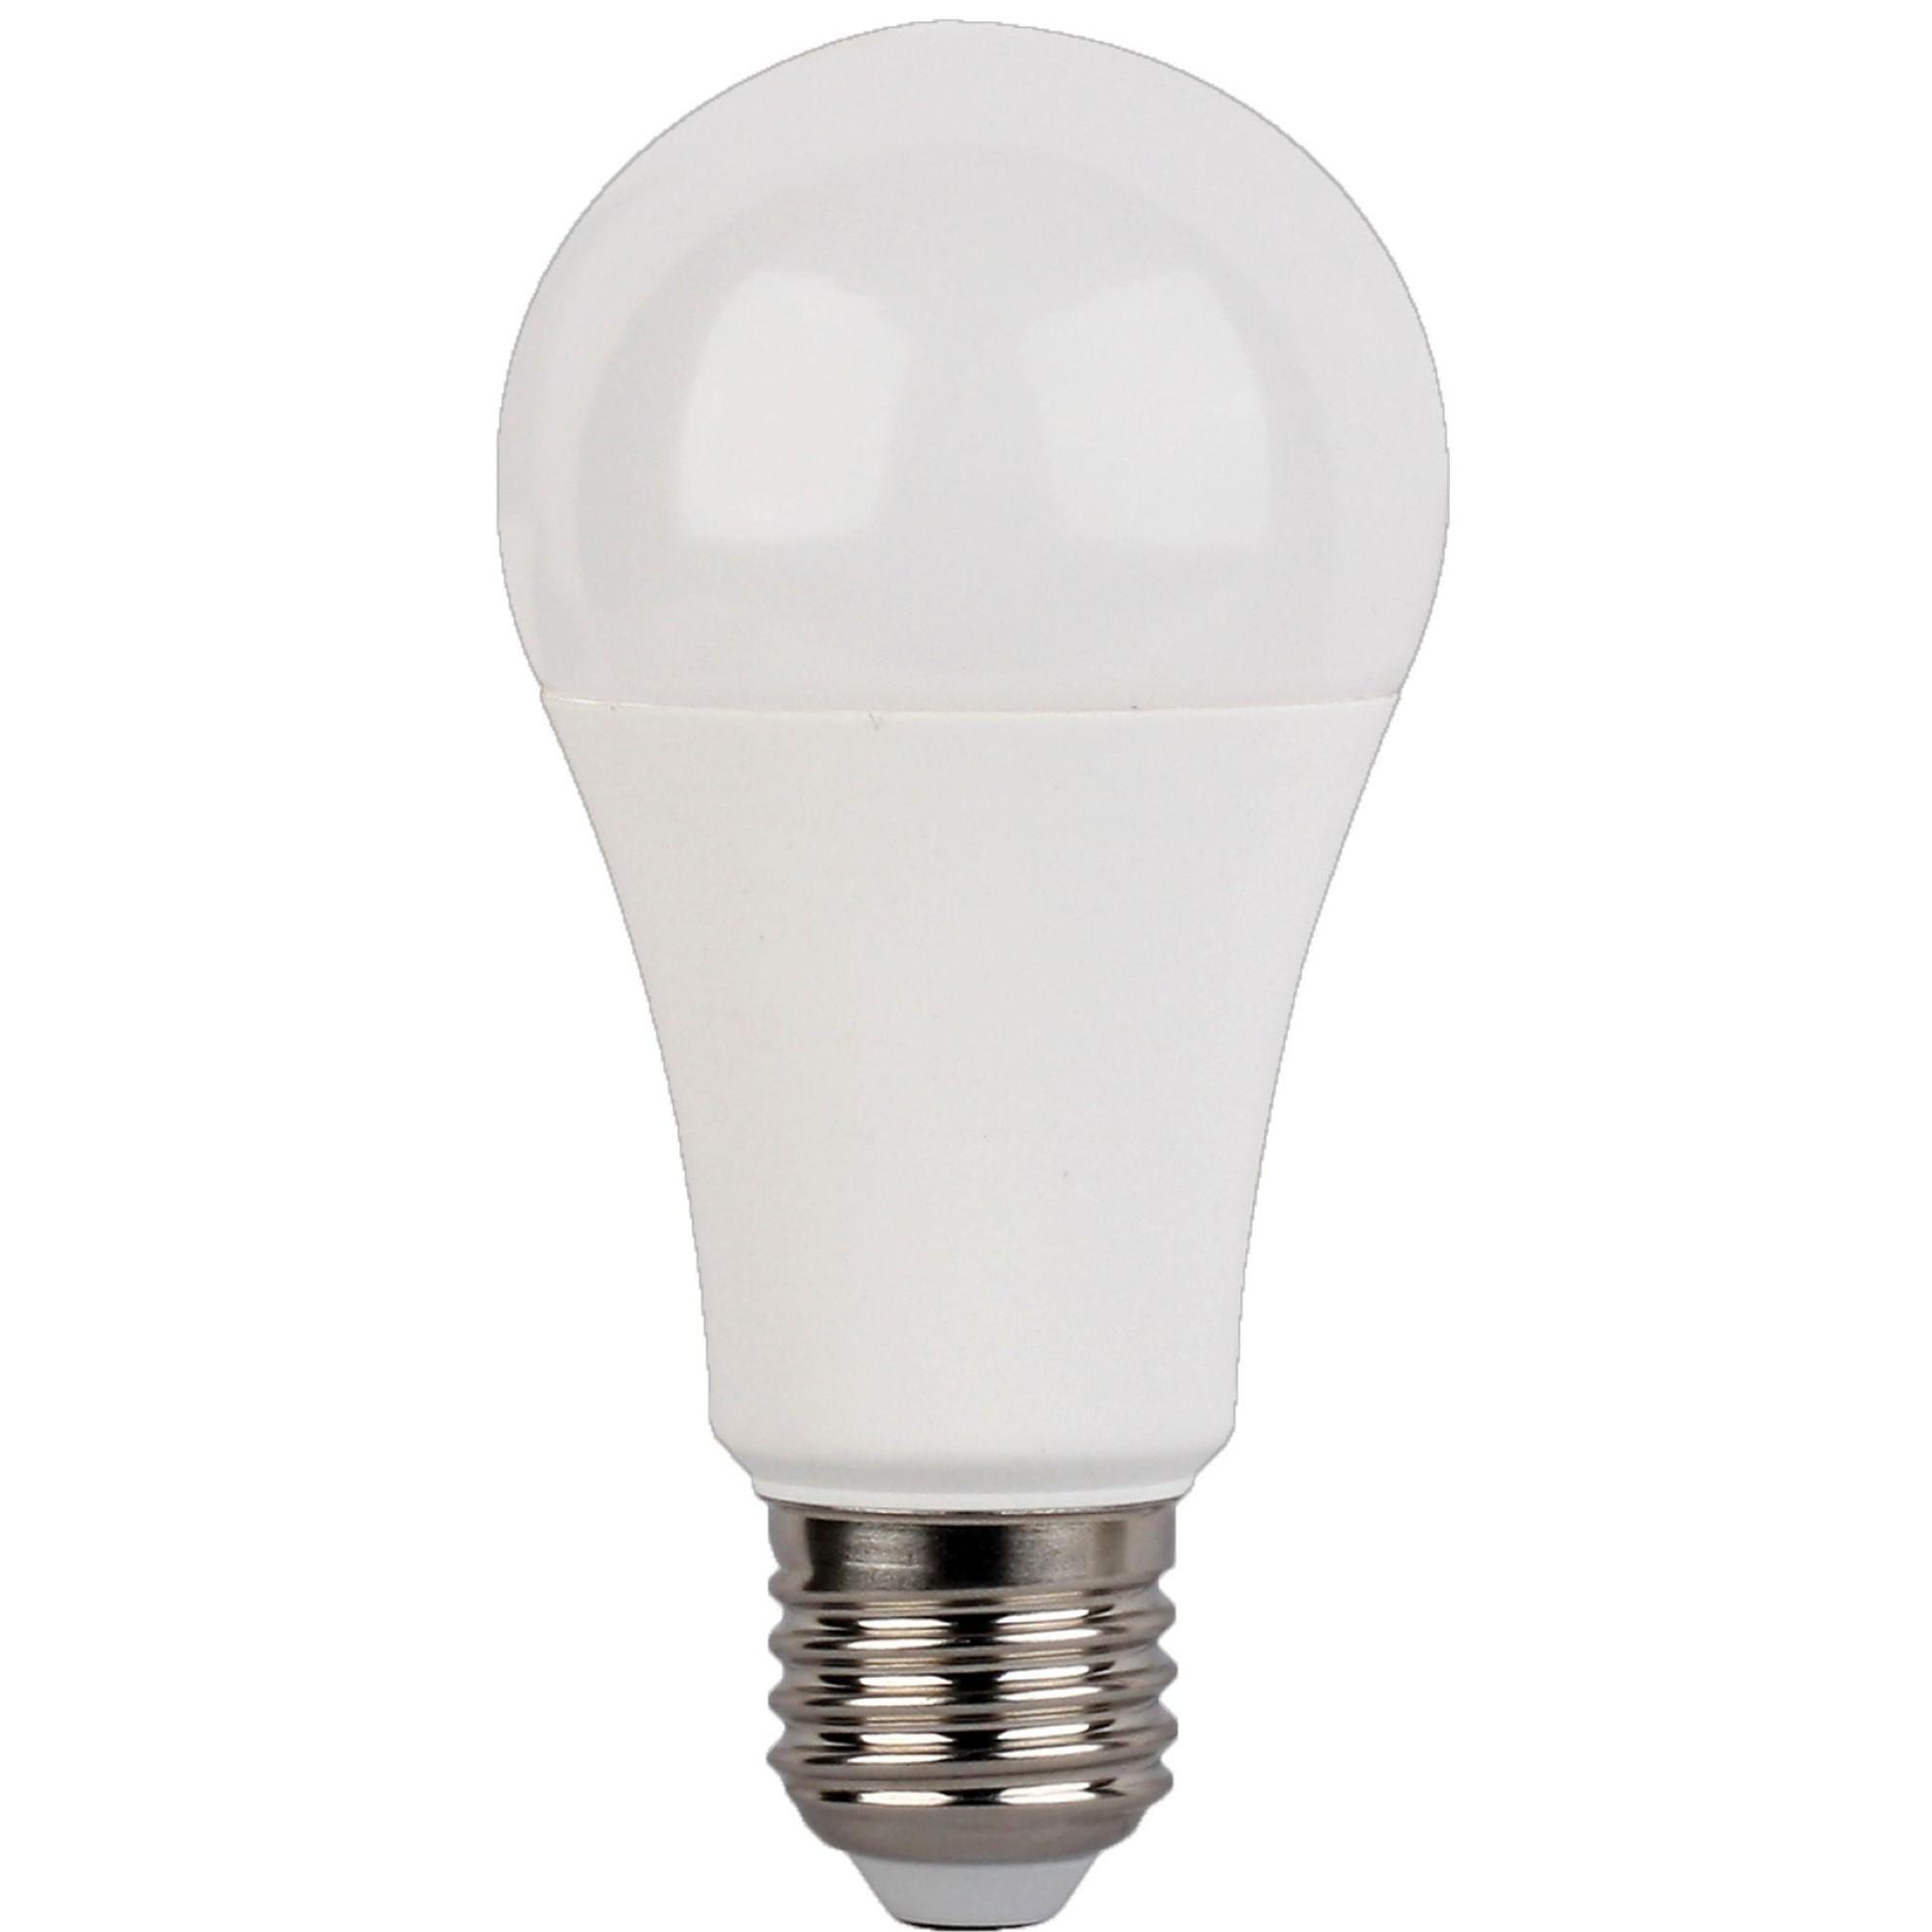 Лампа Ecola Premium светодионая E27 15 Вт груша 1350 Лм холодный свет